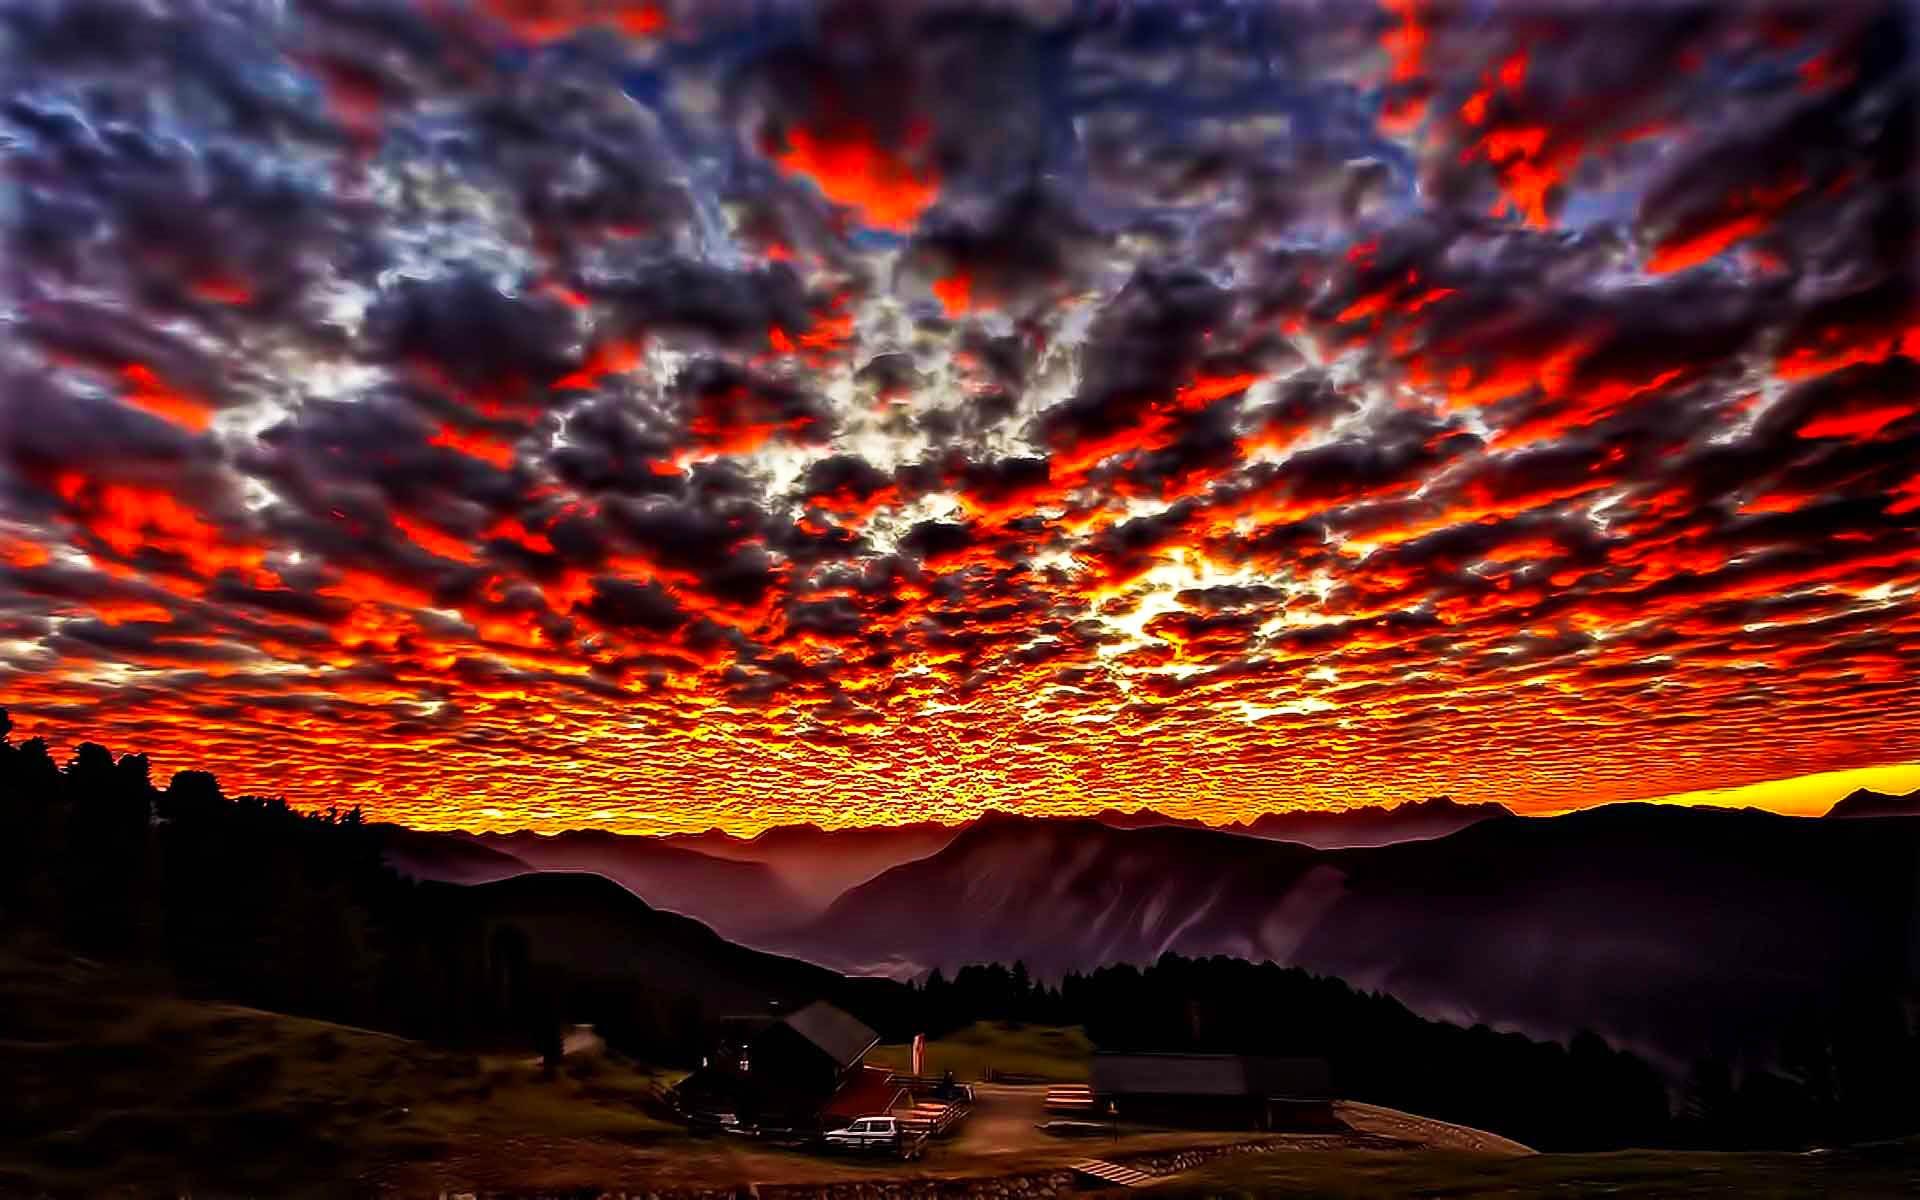 Картинка с красотой неба